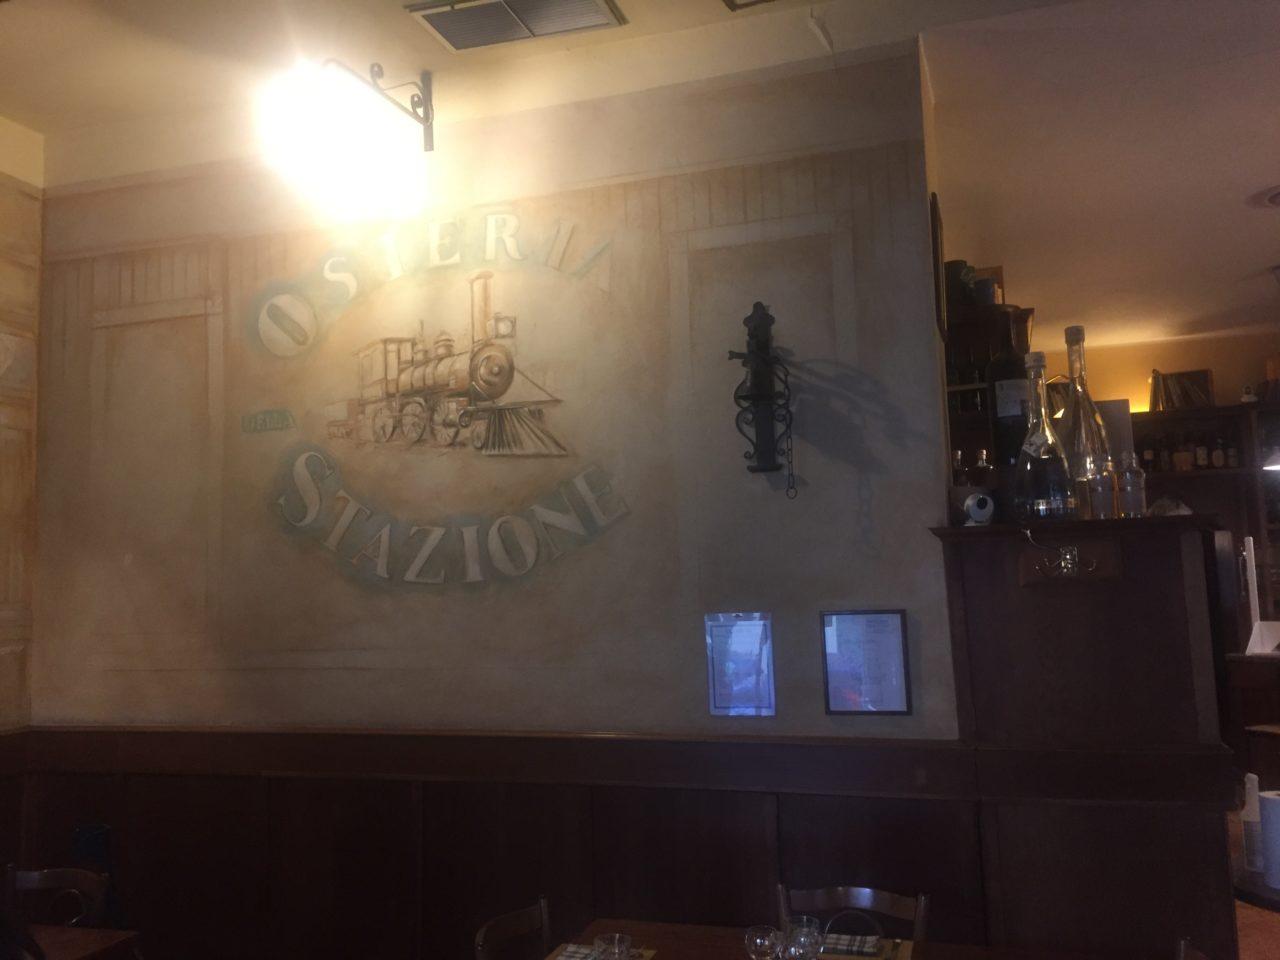 sala ristorante friulano